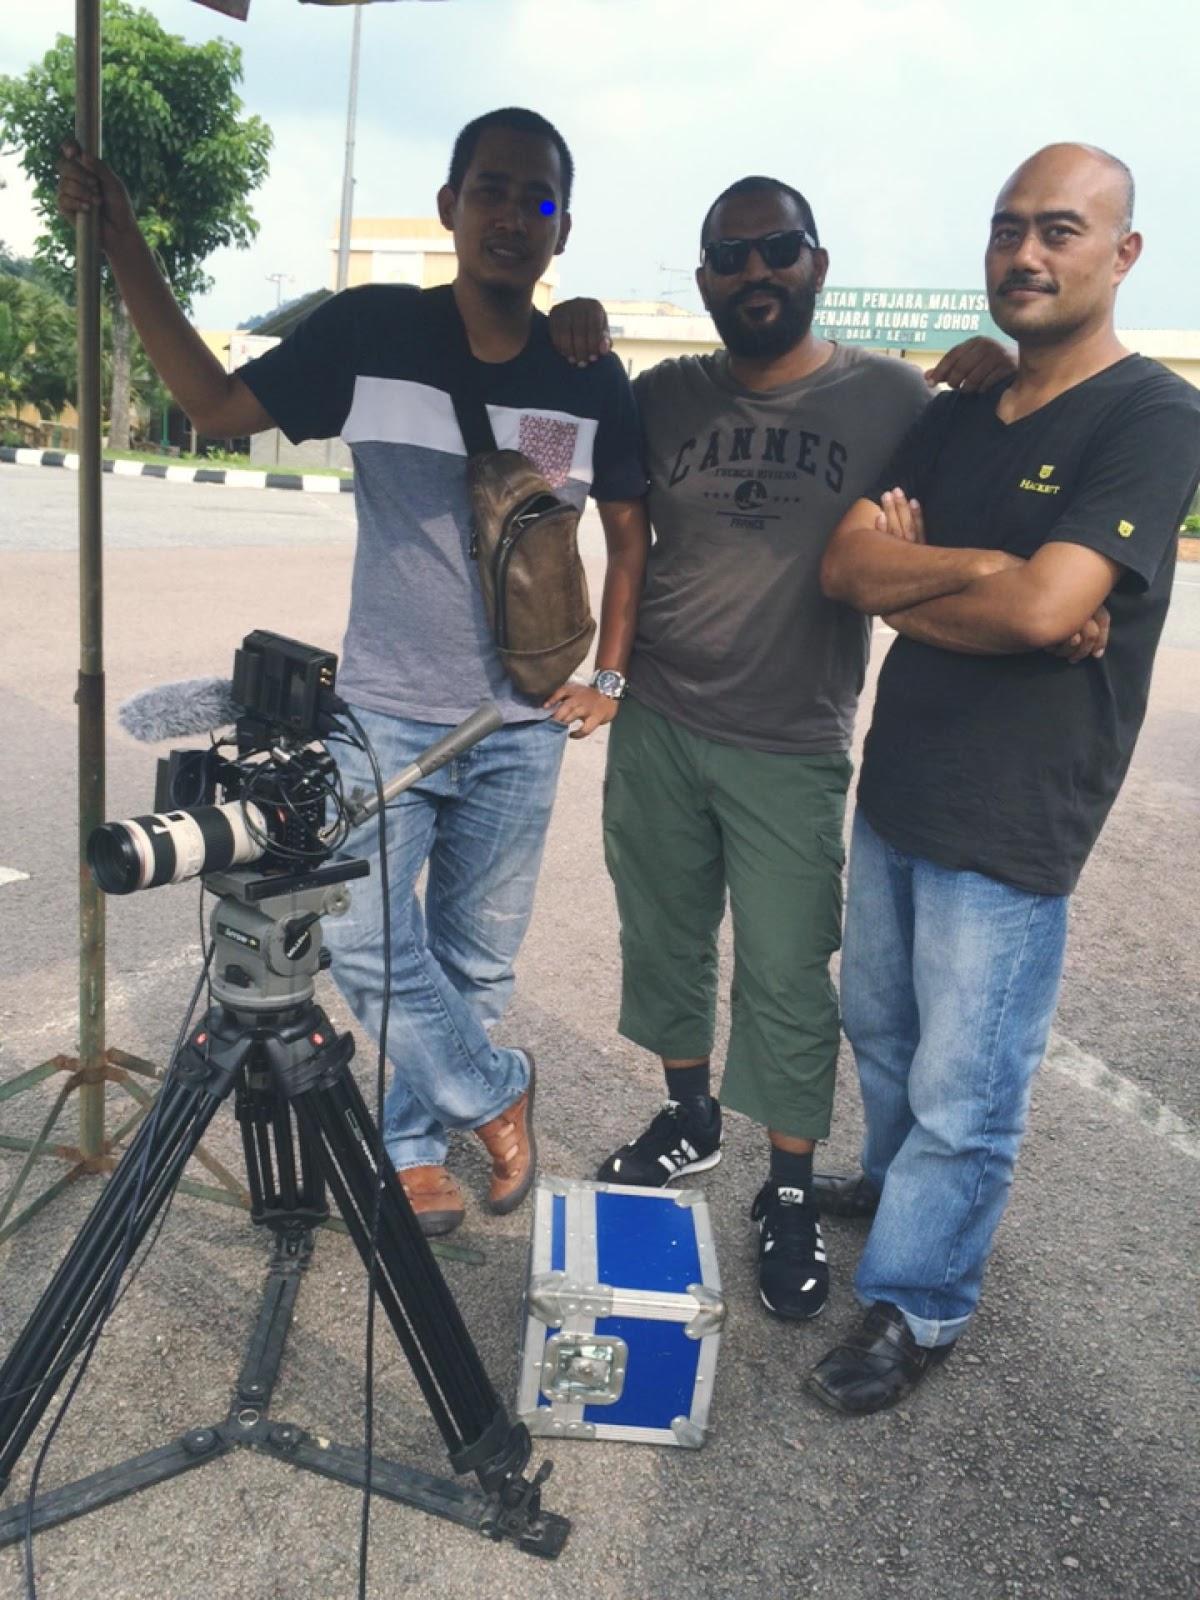 Zela Bakarin Dan Mariam Delimawati Lokasi Pengambaran Di Penjara Kluang Johor Sekitar Kuala Lumpur Tayangan Astro Ria 23 1 16 9 Malam